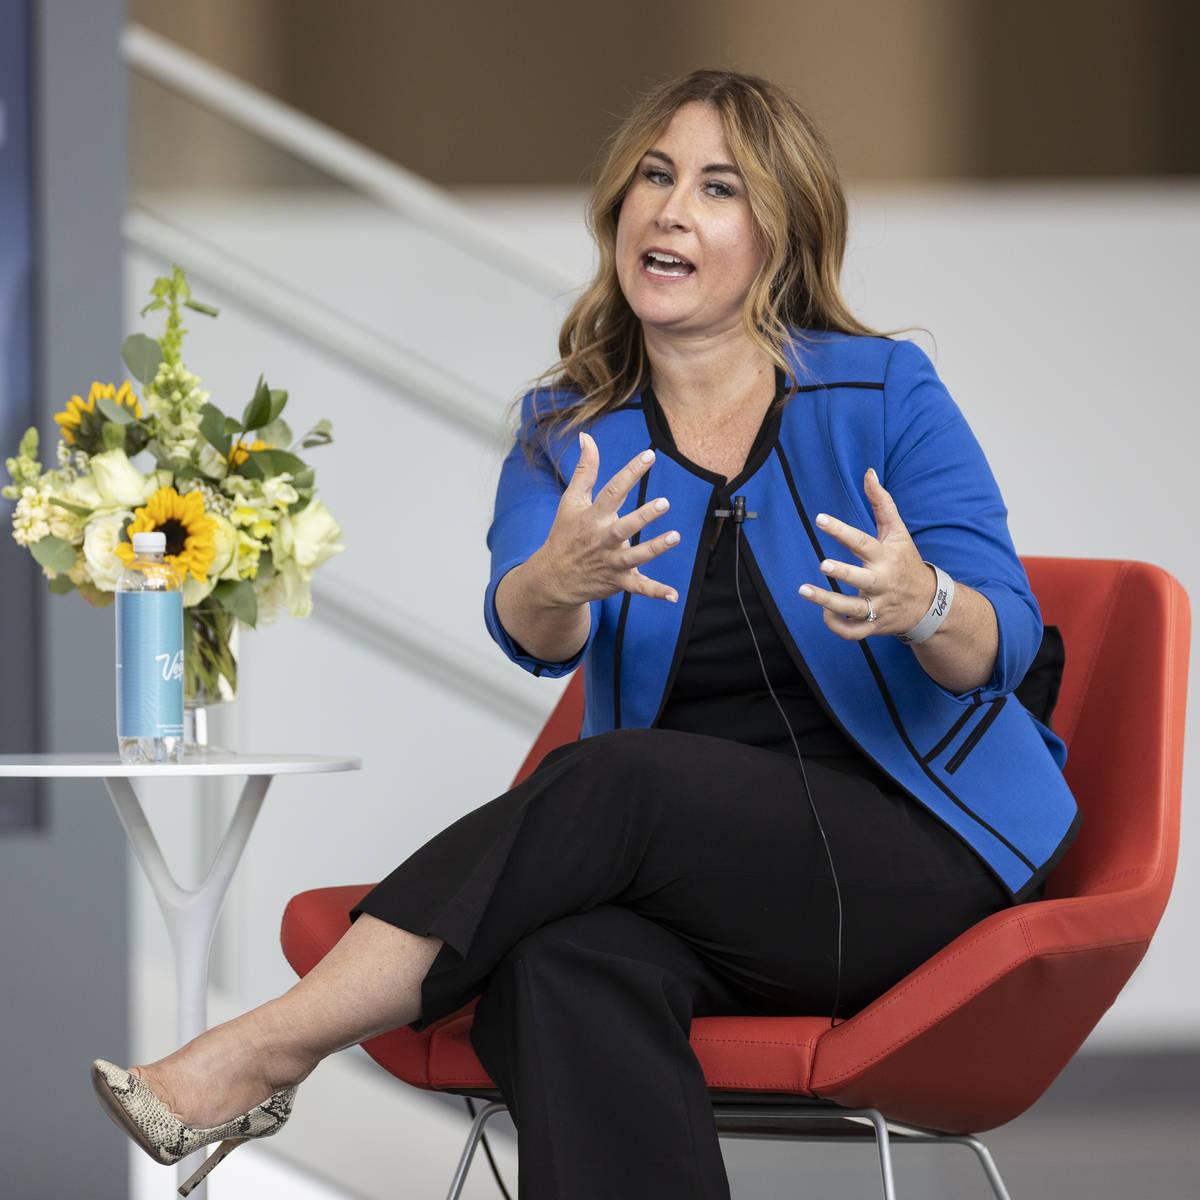 Stephanie Glanzer, directora de ventas y vicepresidenta de MGM Resorts International, habla dur ...